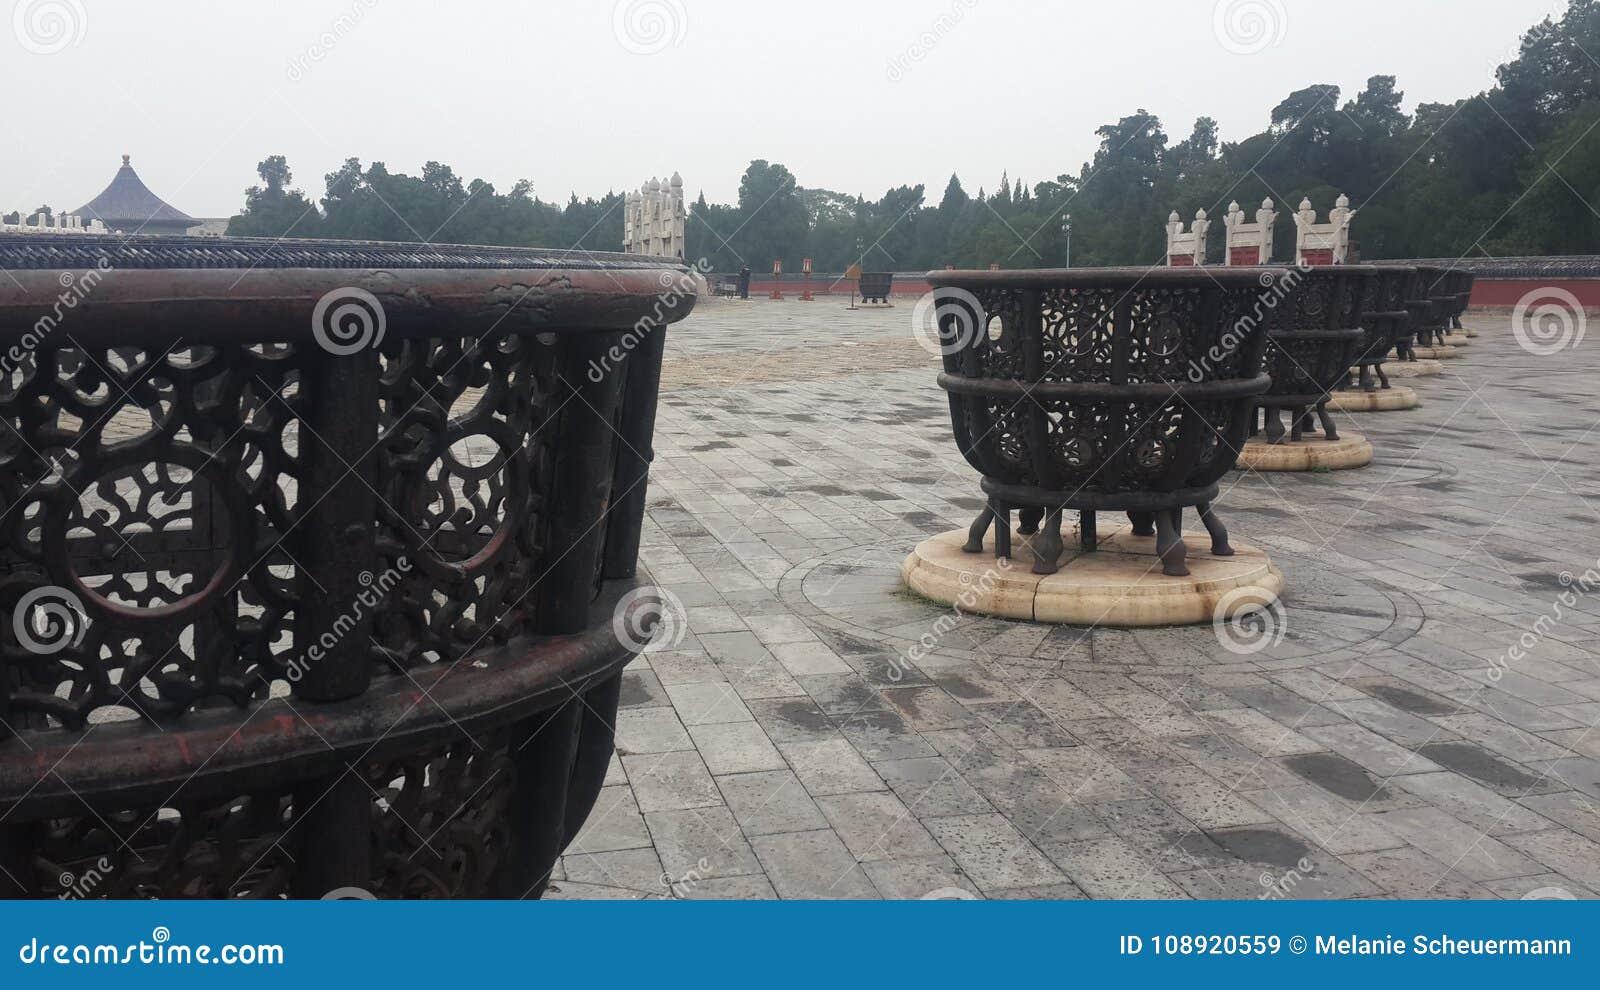 Altares del metal en el Templo del Cielo en Pekín, China